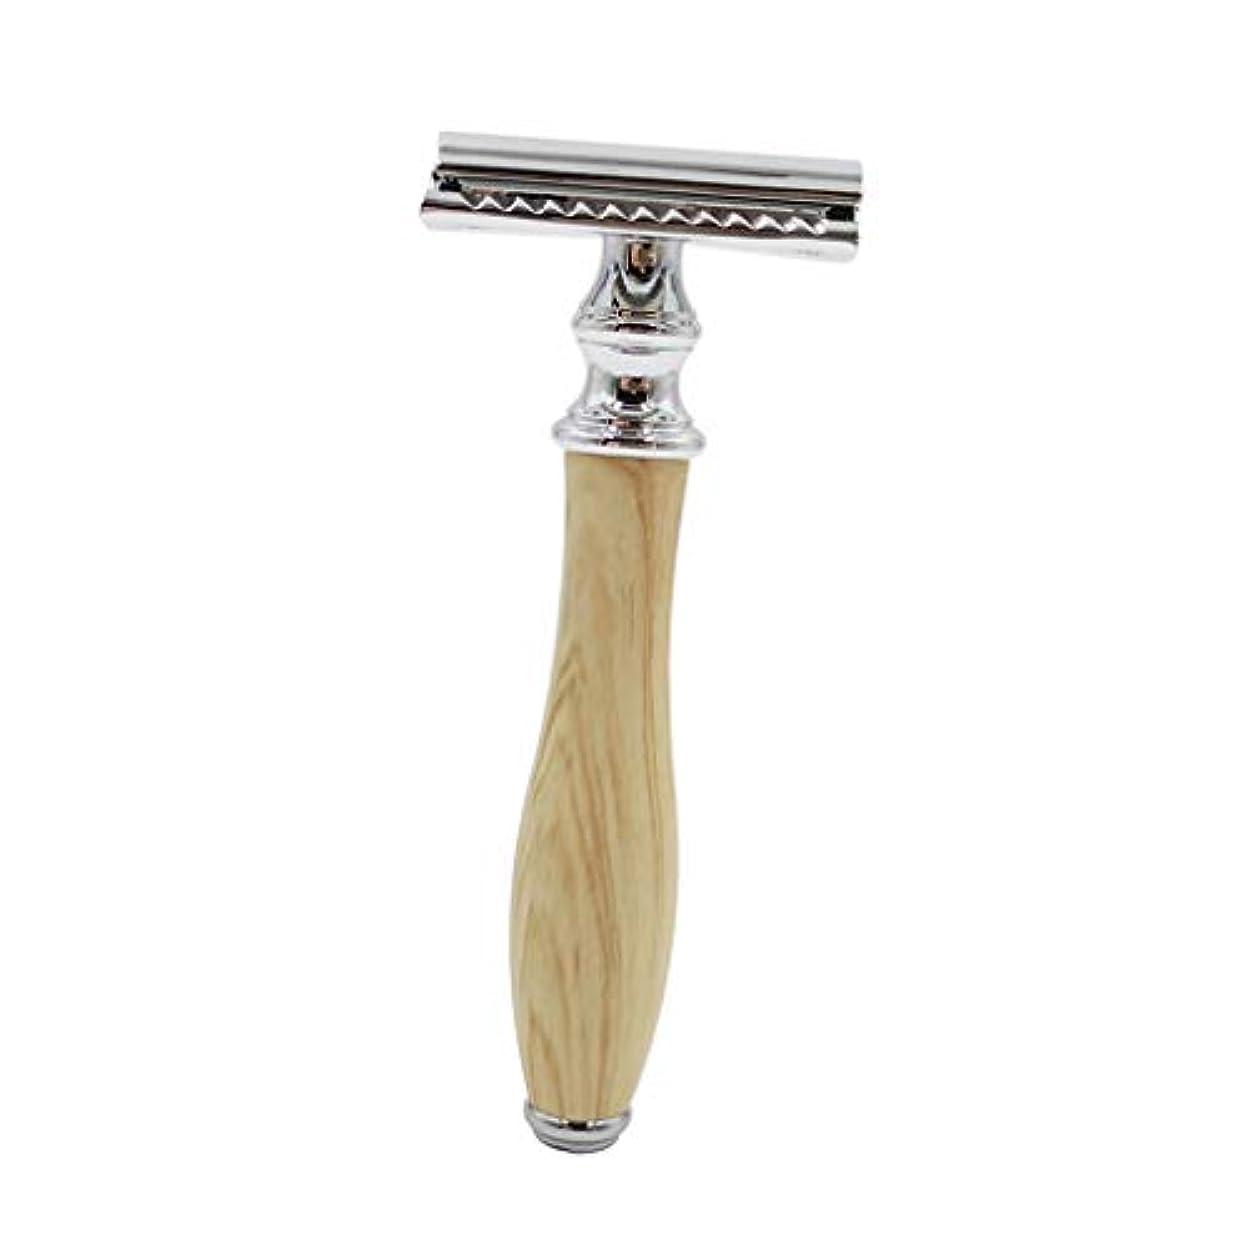 スペア圧縮する親愛なchiwanji 剃刀 男性 手動シェーバー ダブルエッジ シェービングかみそり 快適な ひげ剃り 全2色 - ベージュ